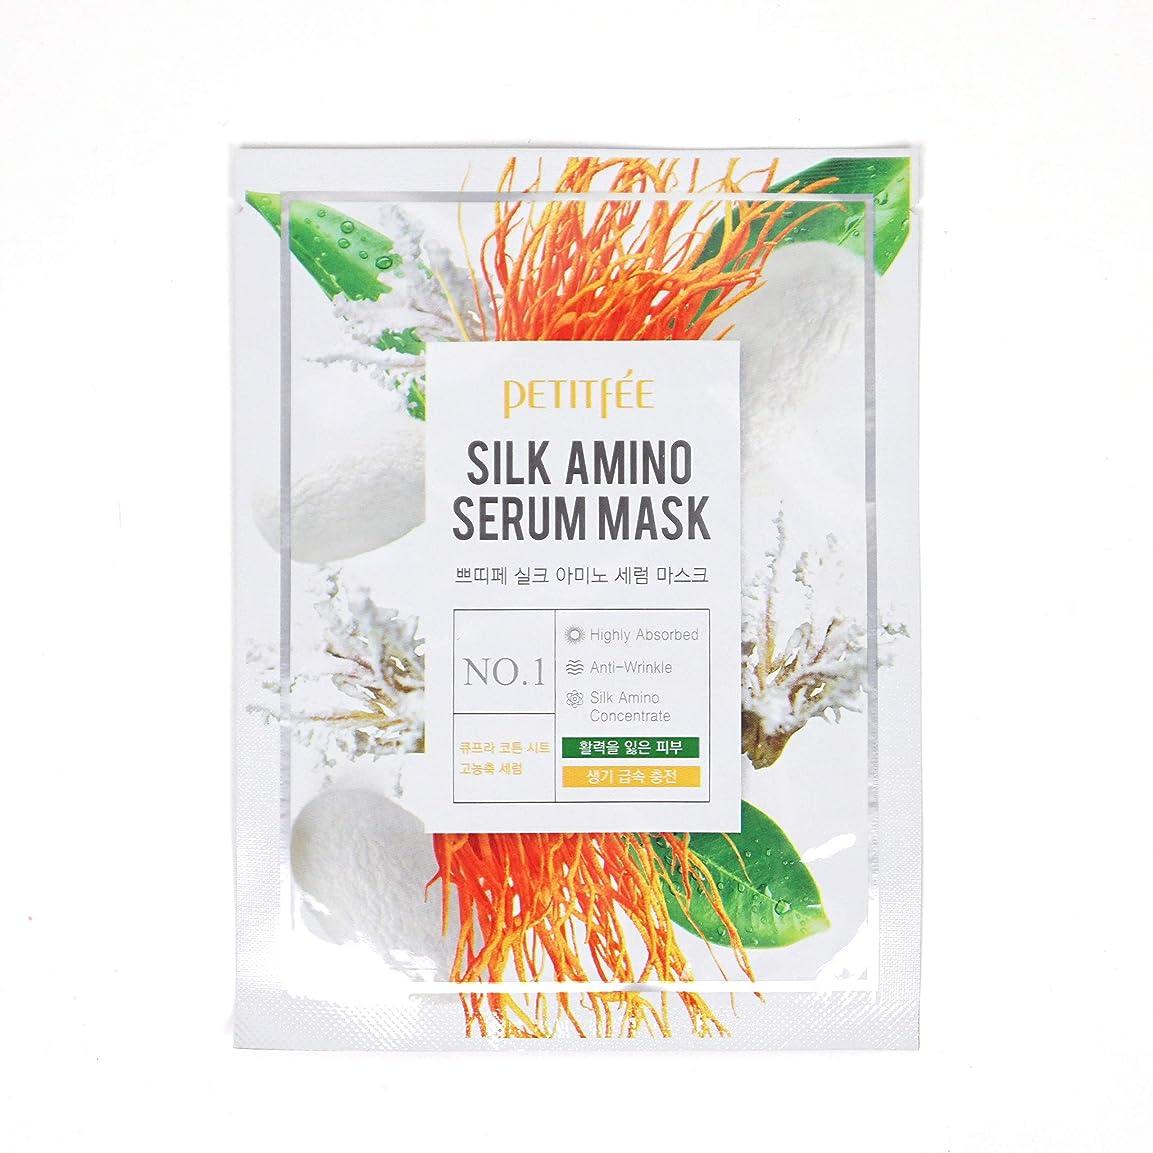 孤独魅力冷ややかなPETITFEE (プチペ) シルクアミノセラムマスク 25gx10P (保湿) / Silk Amino Serum Mask